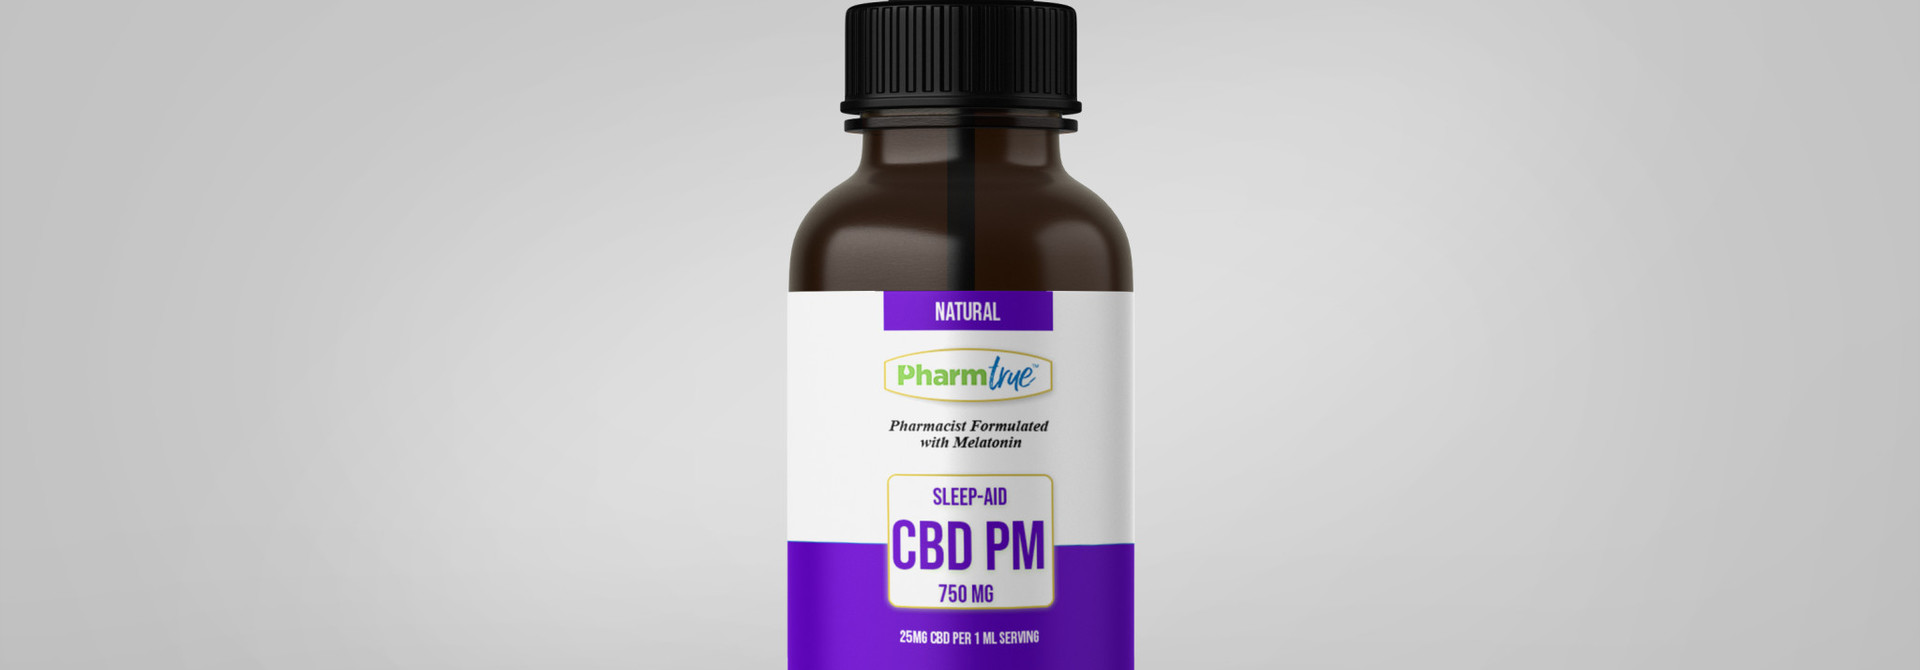 CBD PM OIL 750mg + Melatonin TINCTURE